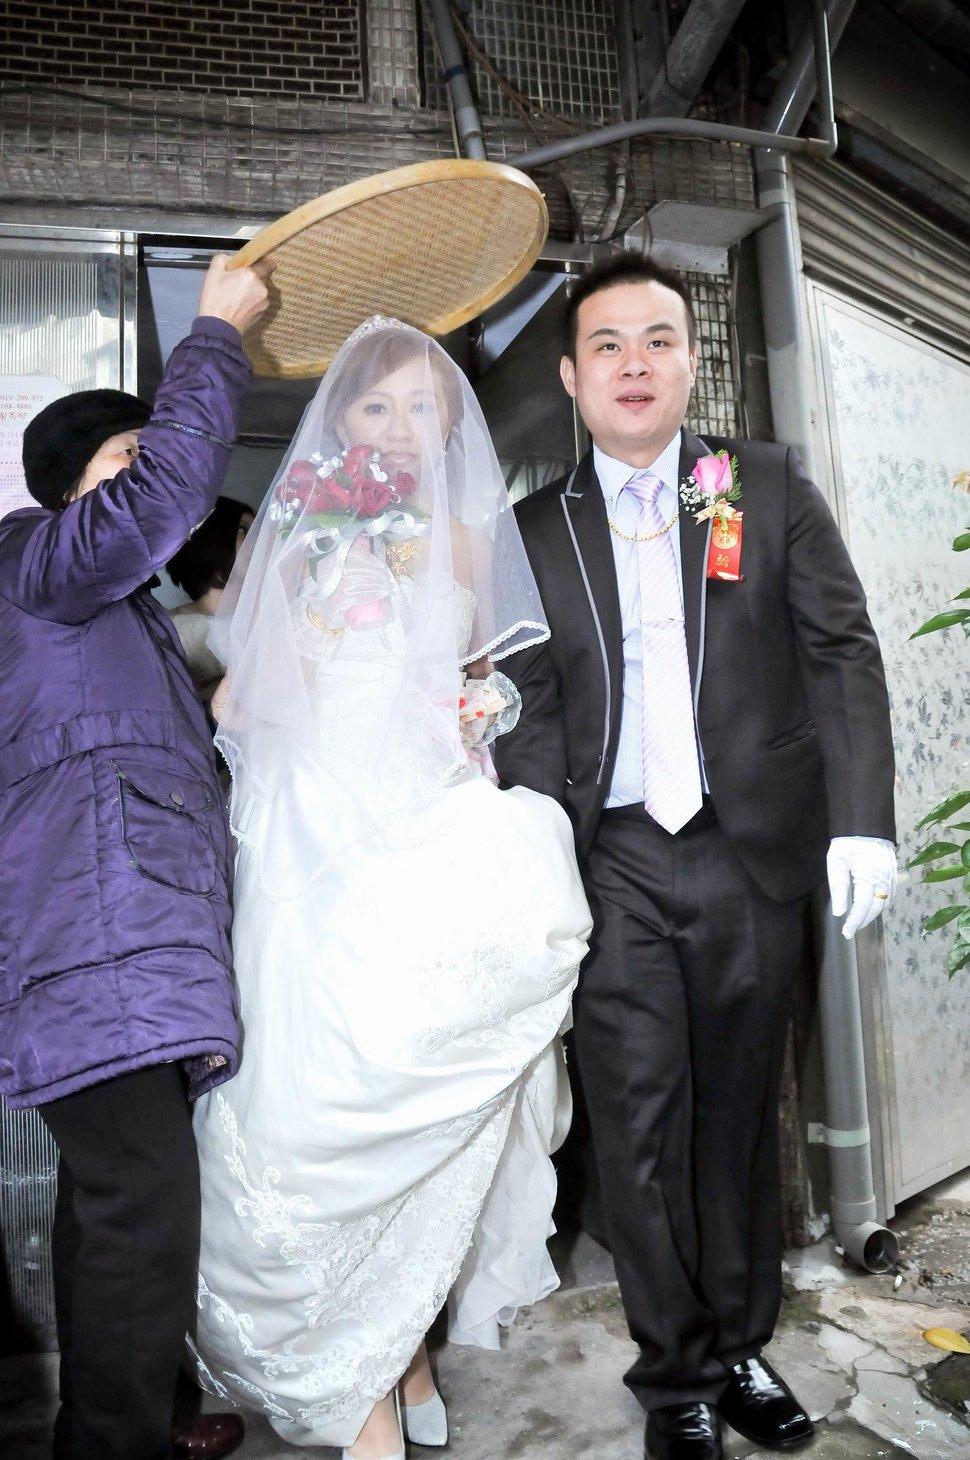 海產大王文定結婚儀式迎娶晚宴婚禮結婚儀式午宴婚禮記錄動態微電影錄影專業錄影平面攝影婚攝婚禮主持人(編號:303376) - 蜜月拍照10800錄影12800攝影團隊 - 結婚吧